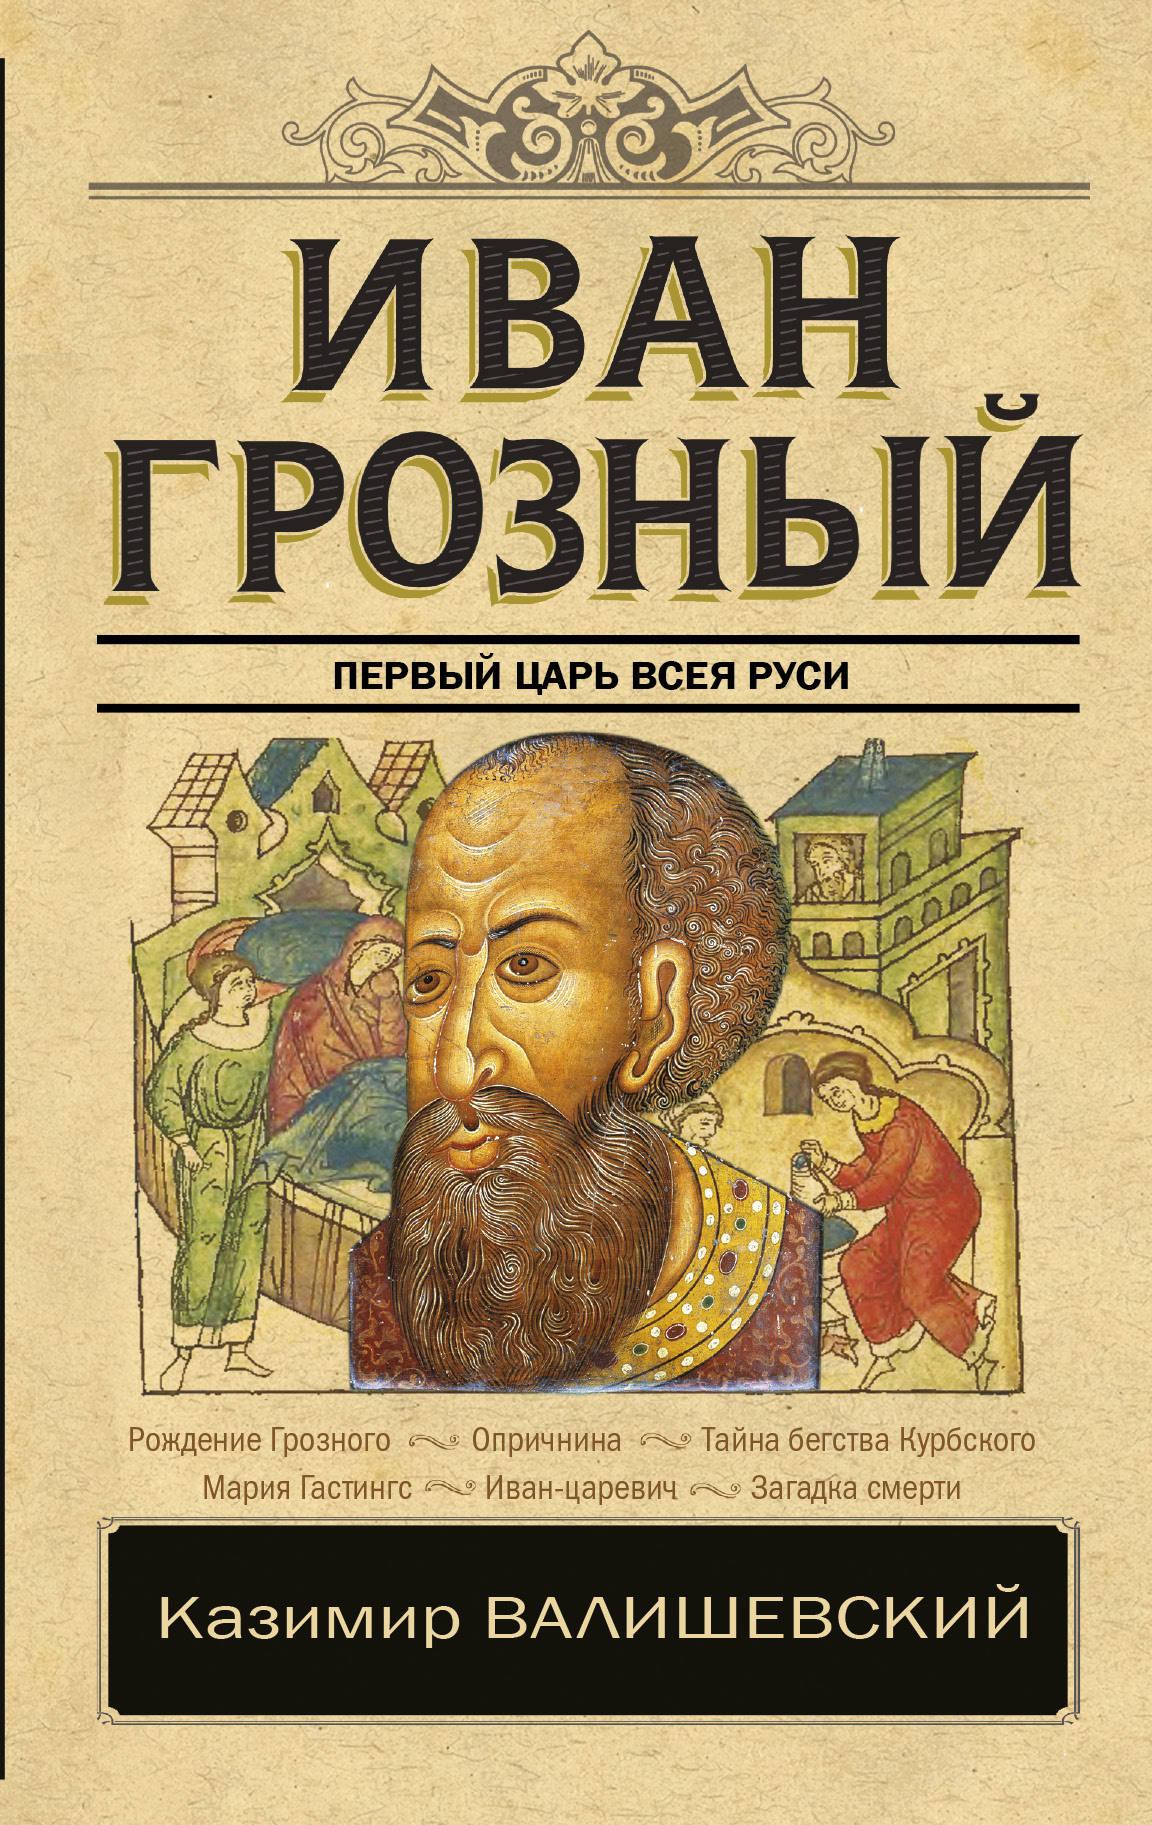 Казимир Валишевский Иван Грозный казимир валишевский царство женщин